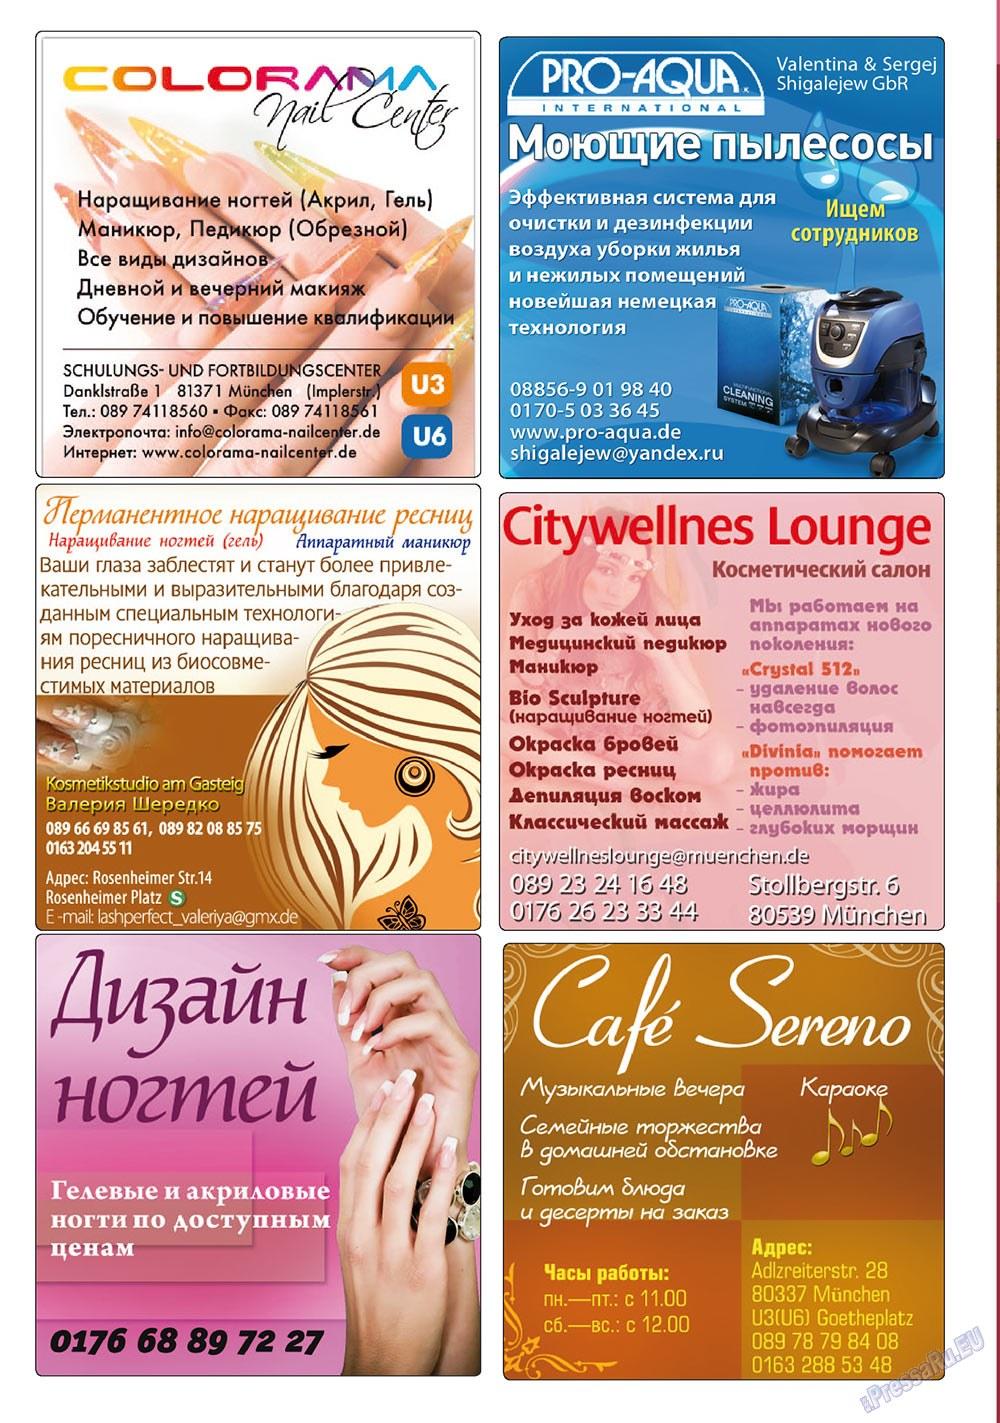 Апельсин (журнал). 2010 год, номер 14, стр. 40